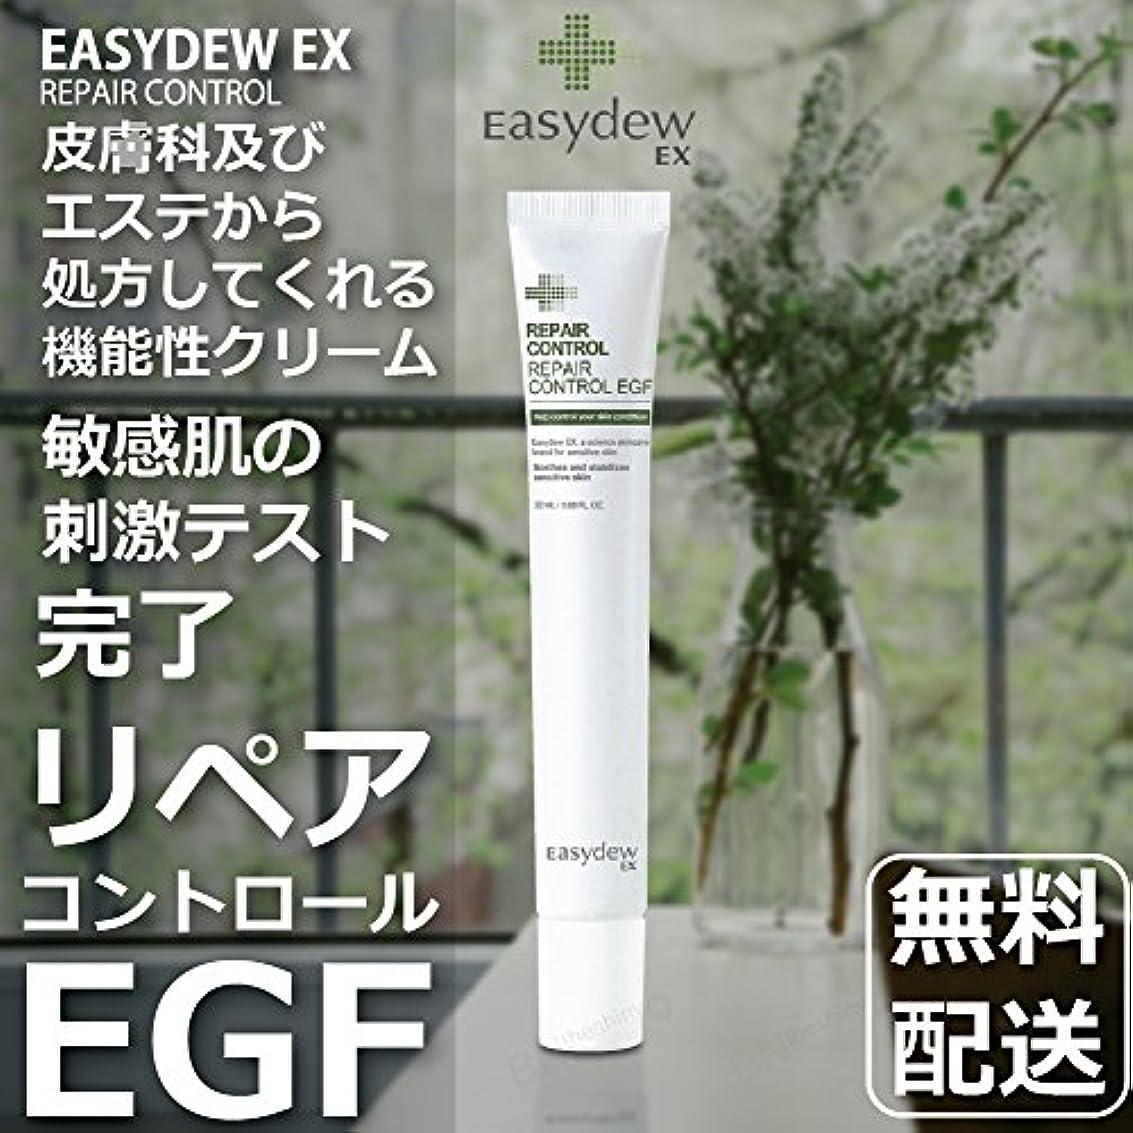 中世のクラック哲学博士デウン製薬 リペア コントロール EGF 20ml. Repair Control EGF 20ml.